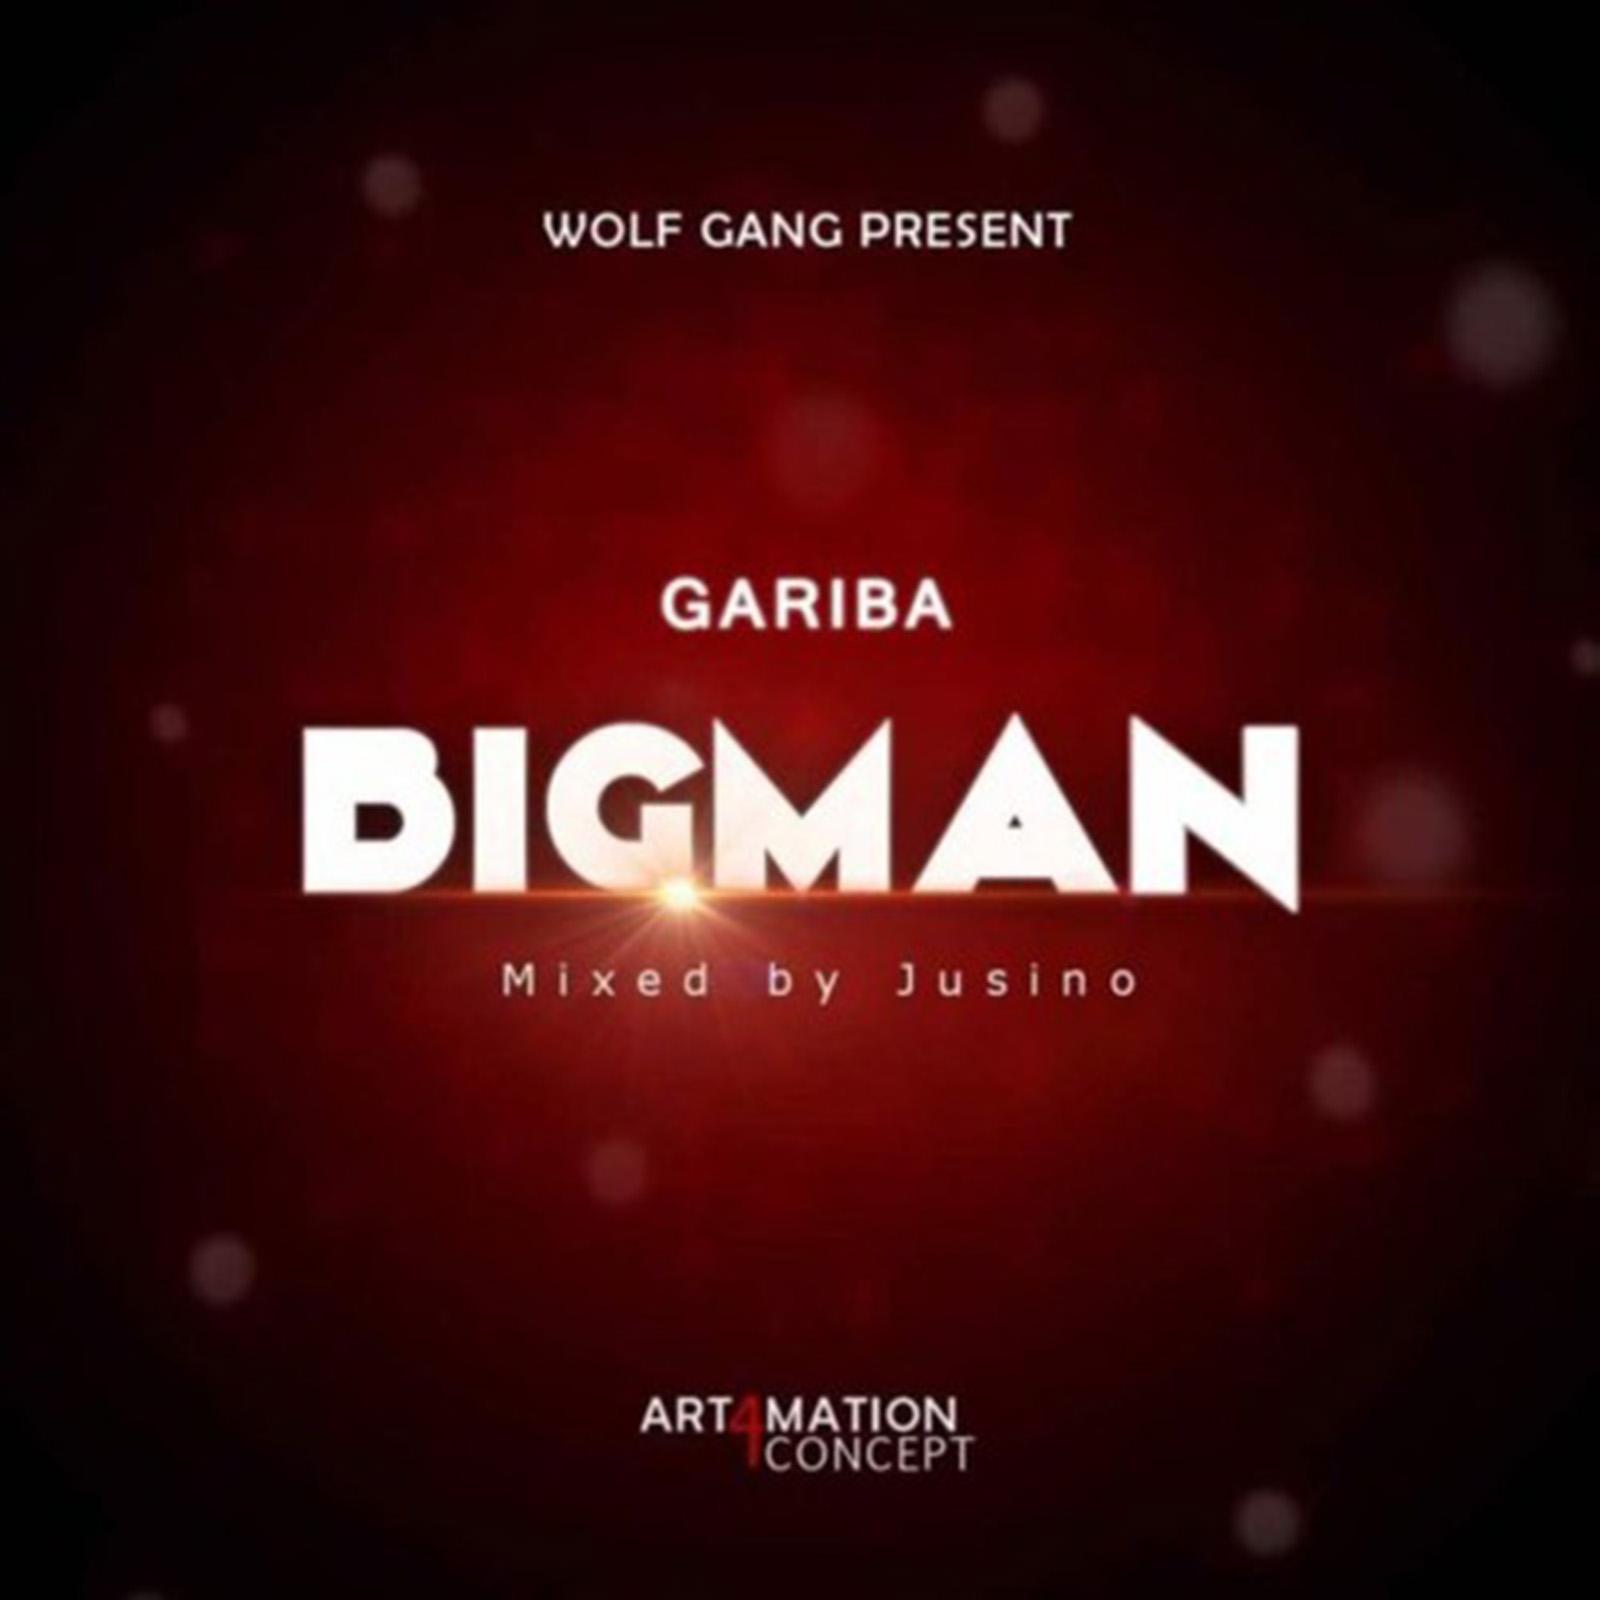 BigMan by Gariba